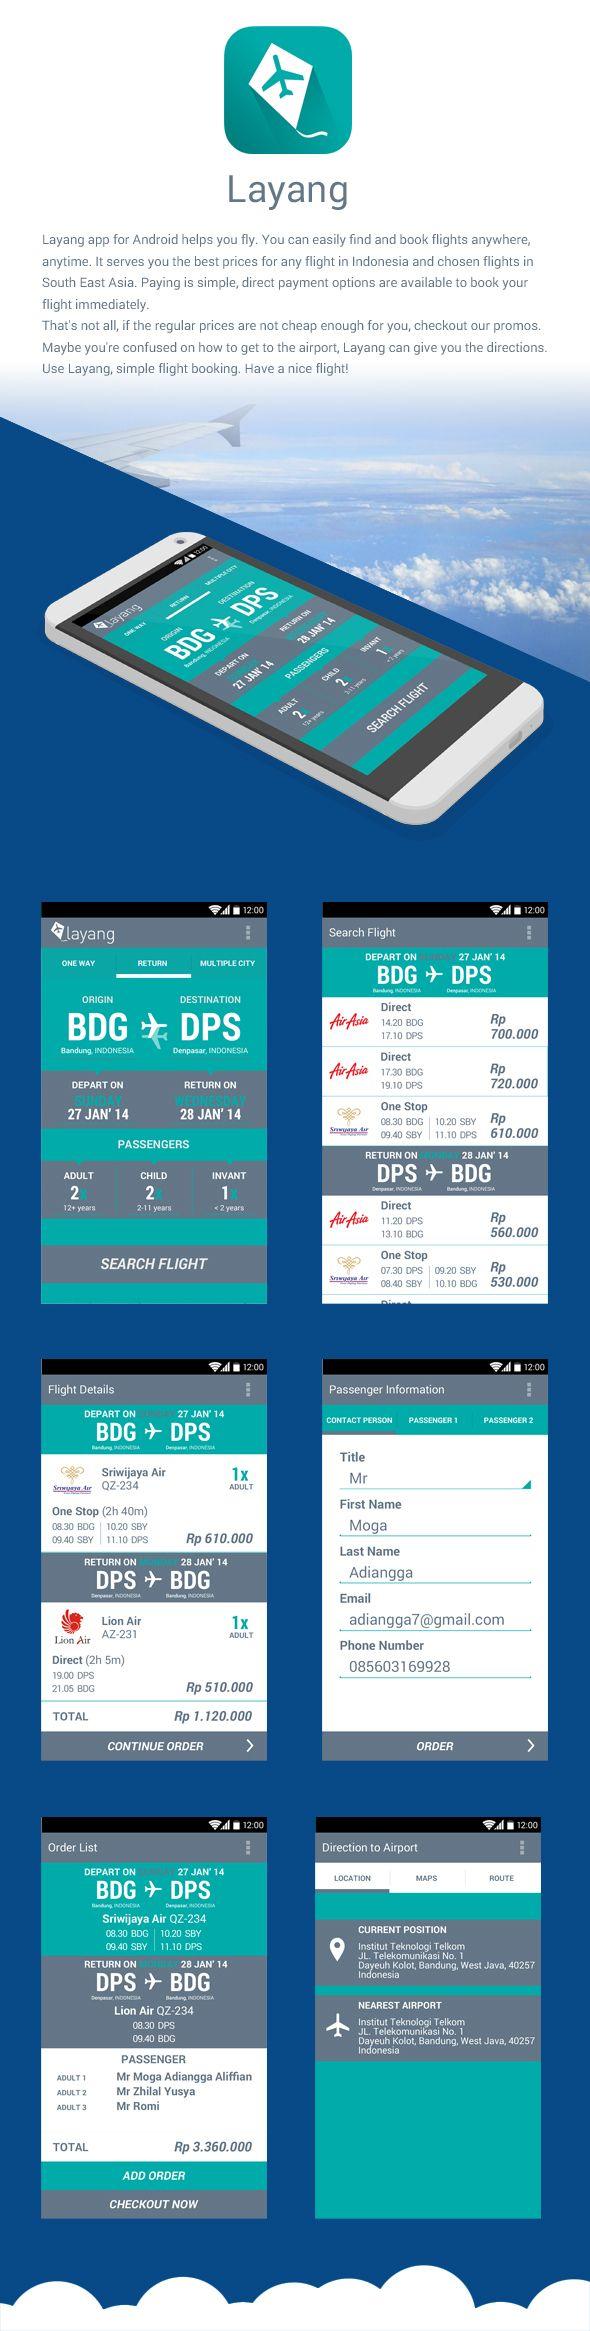 Layang - Flight Booking app (android) by Moga Adiangga, via Behance